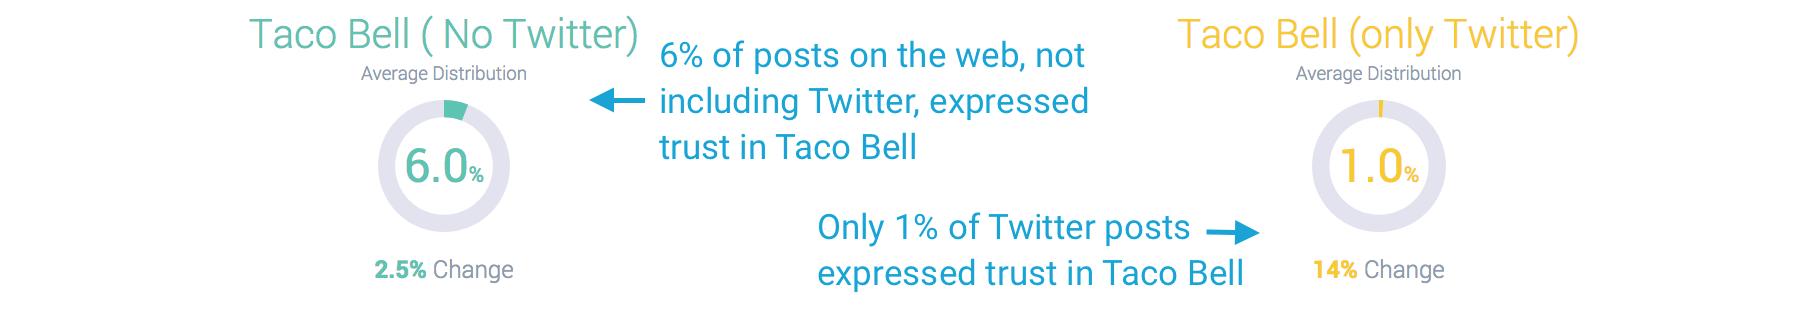 Social listening data on Taco Bell TRUST no twitter vs. only twitter